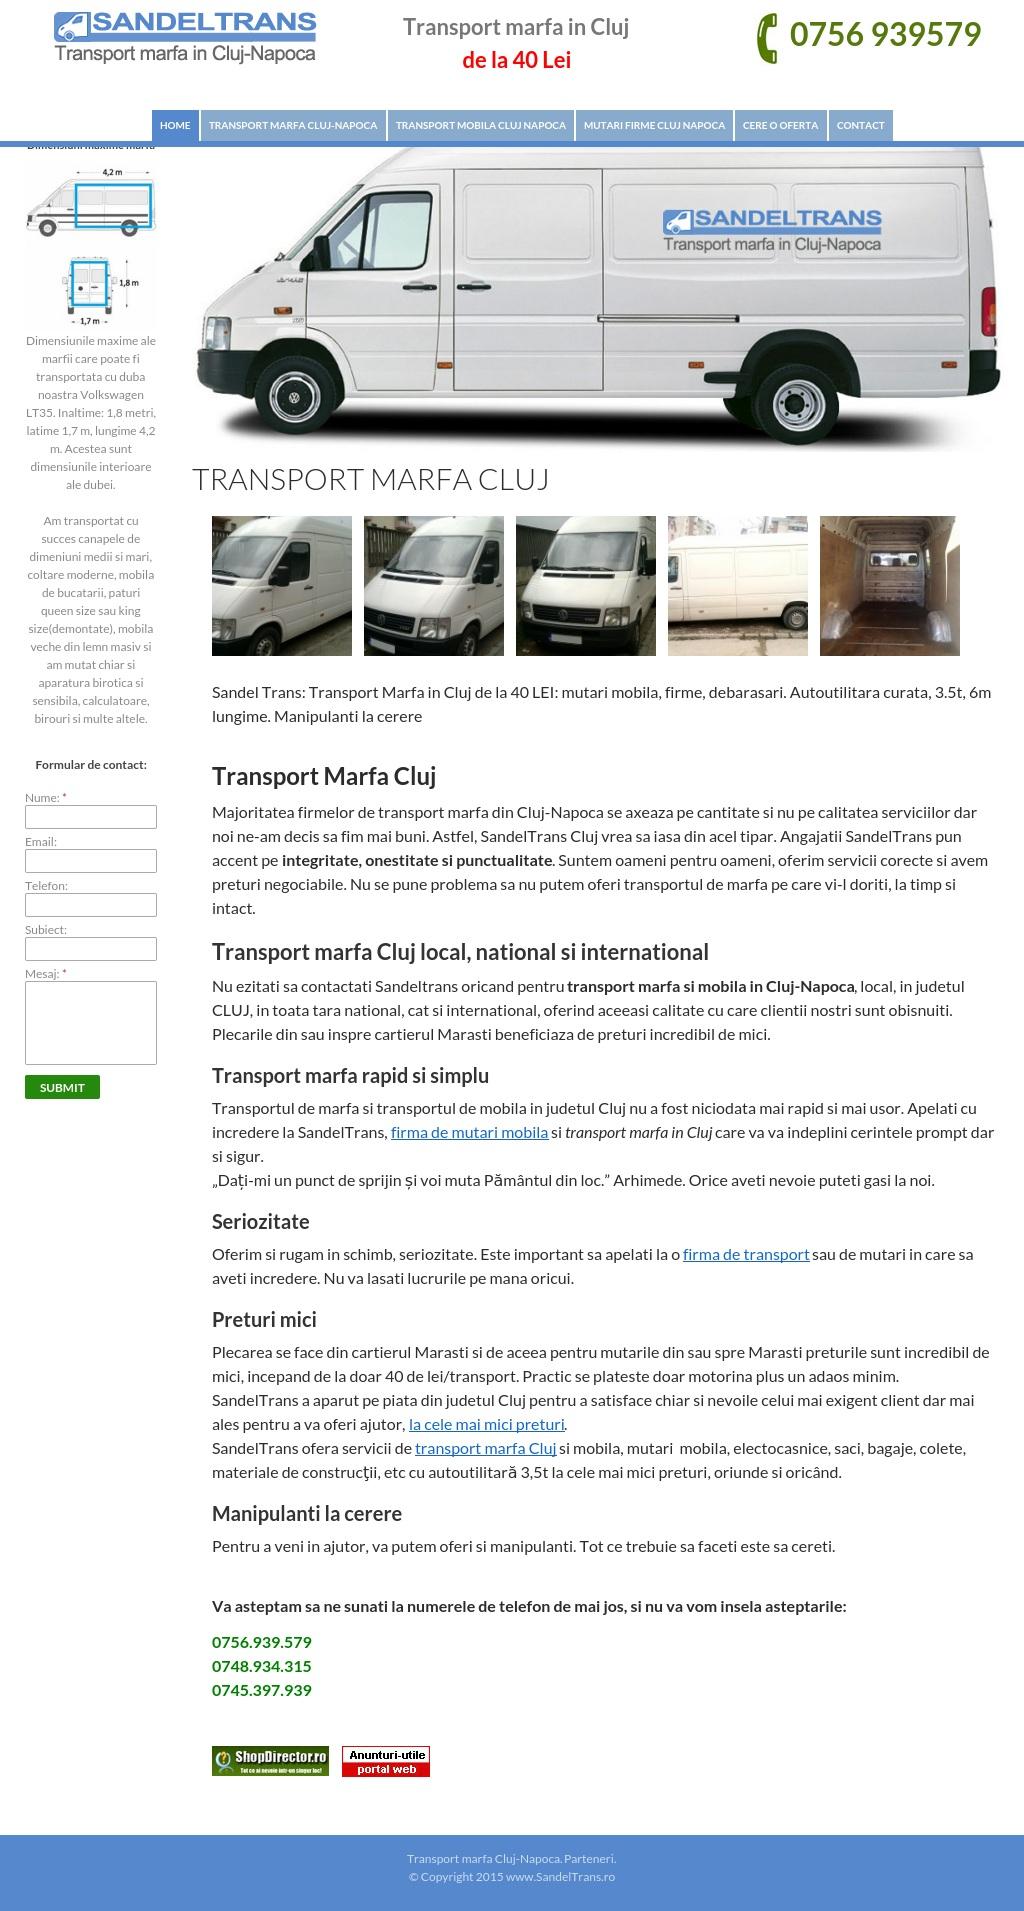 SandelTrans